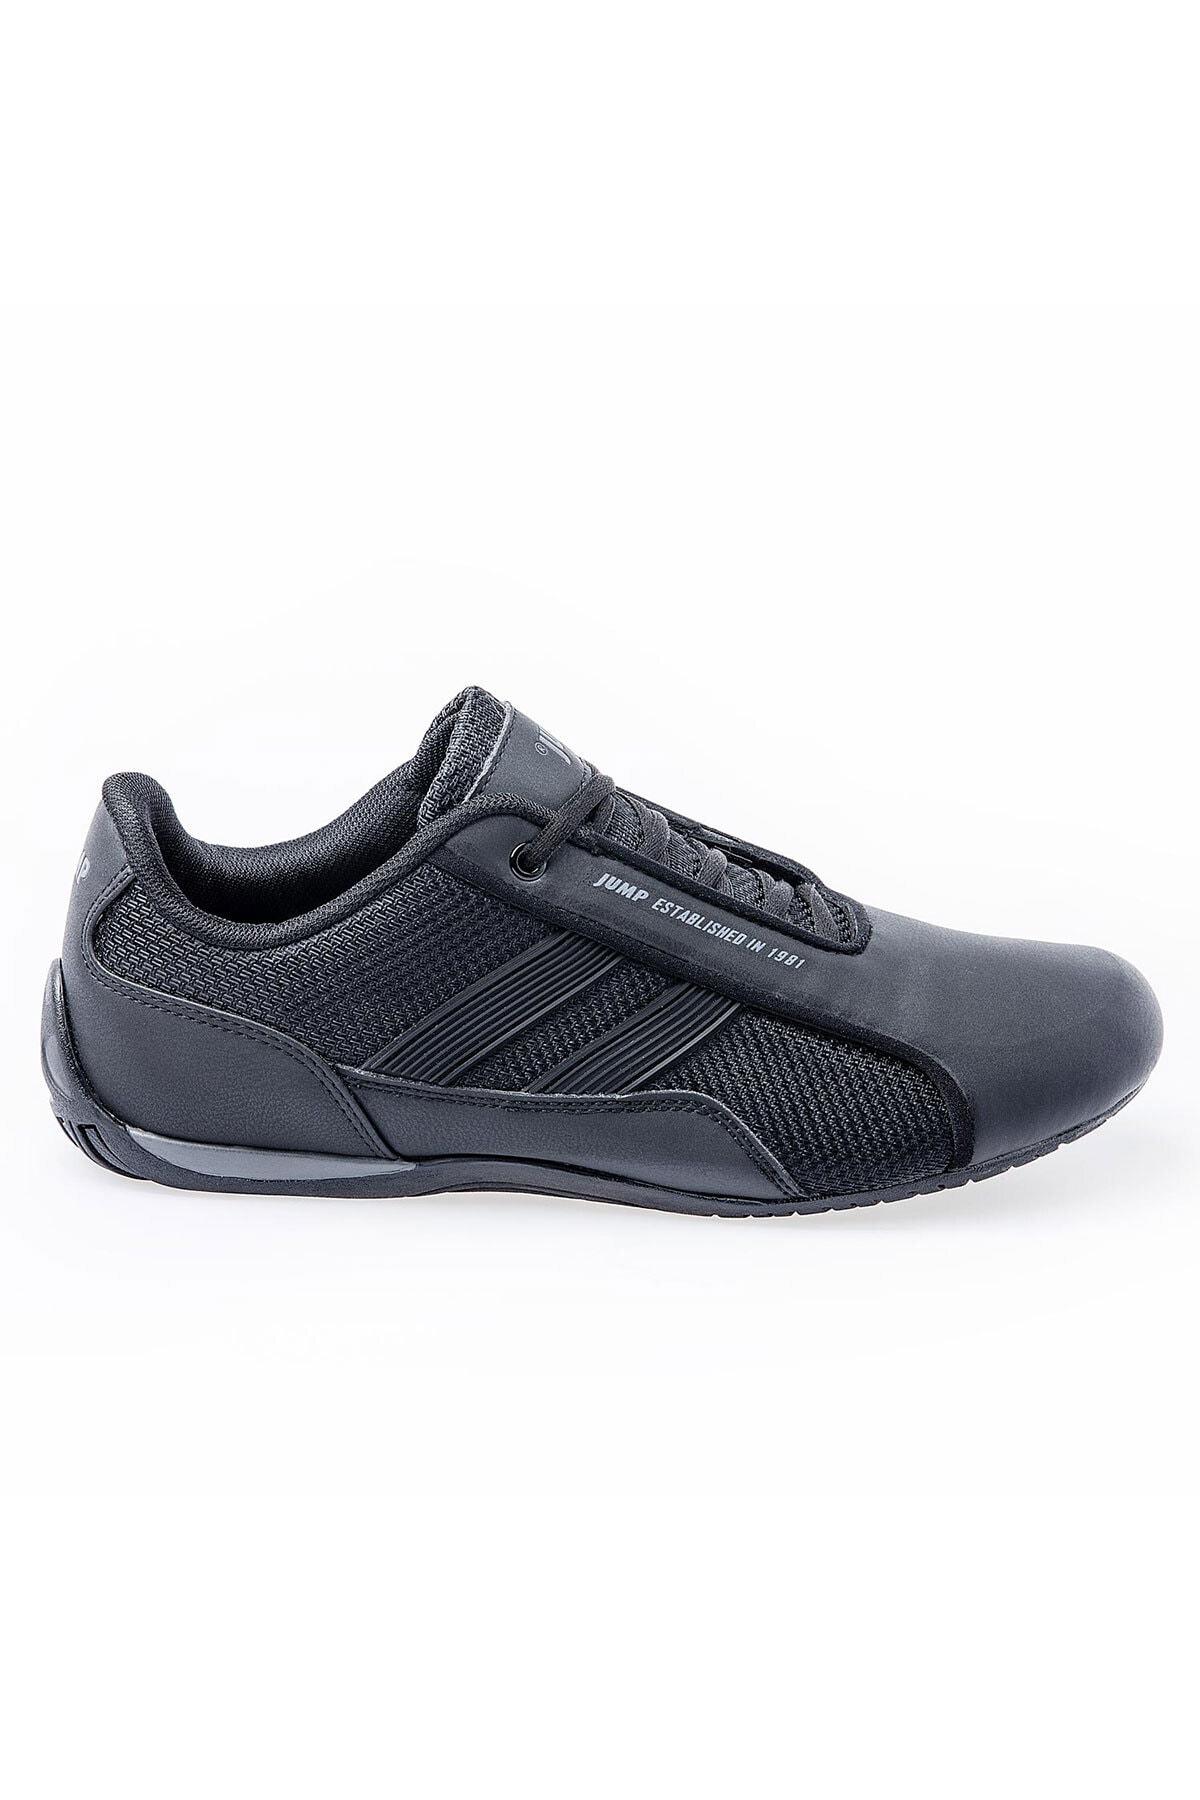 24860 Günlük Erkek Spor Ayakkabı - Siyah - 45